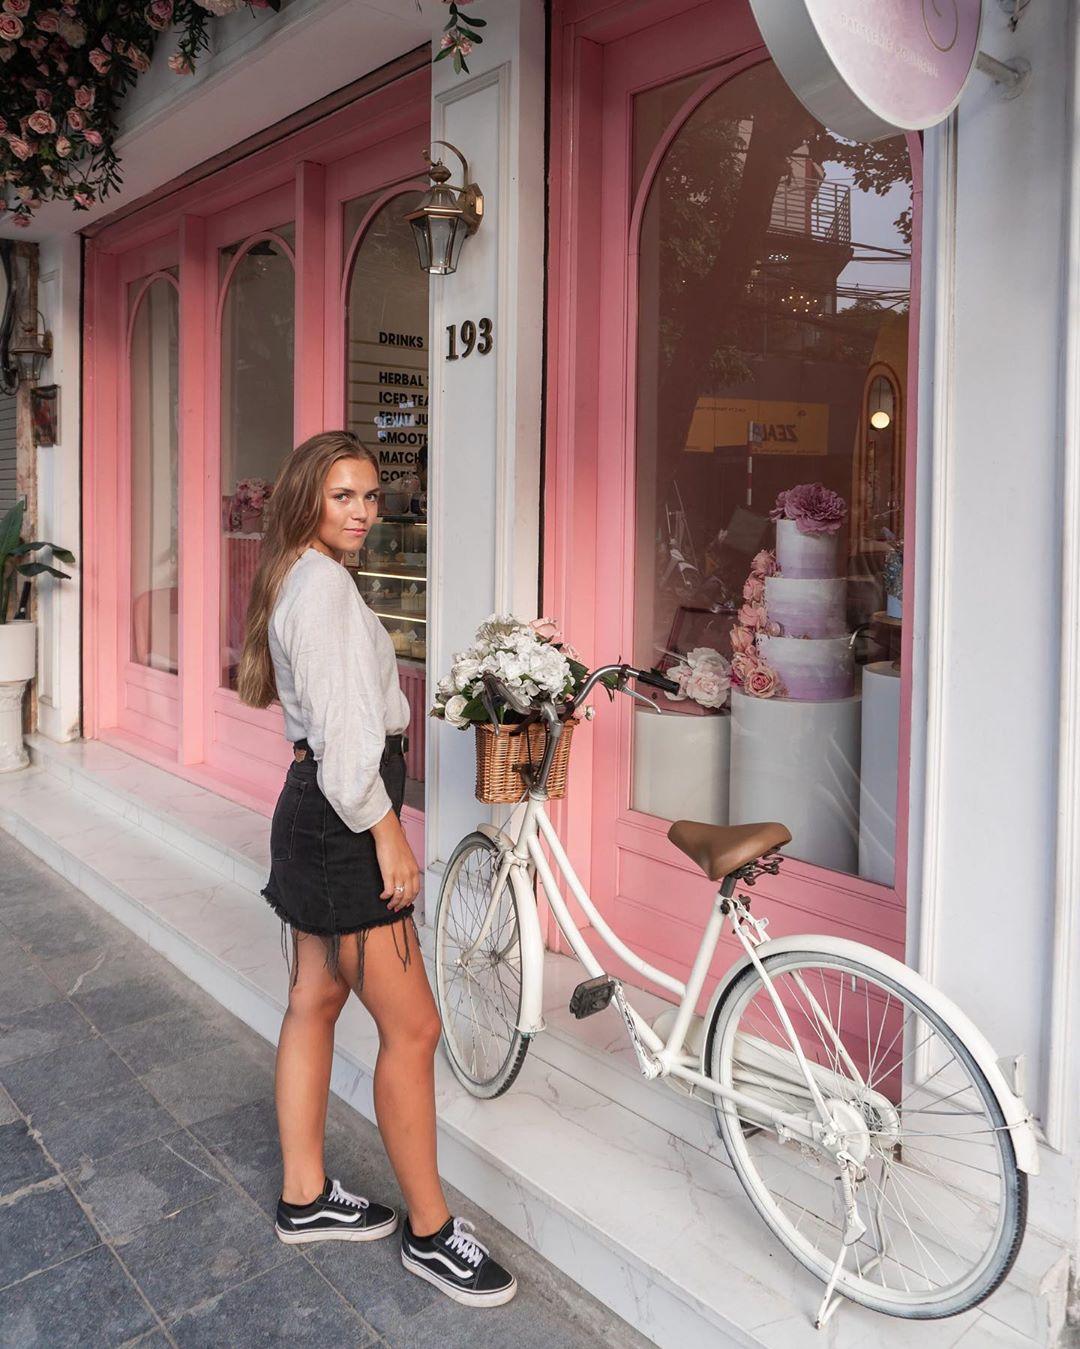 Ngay cả du khách nước ngoài cũng không cưỡng được vẻ đẹp của BAKED by Julie